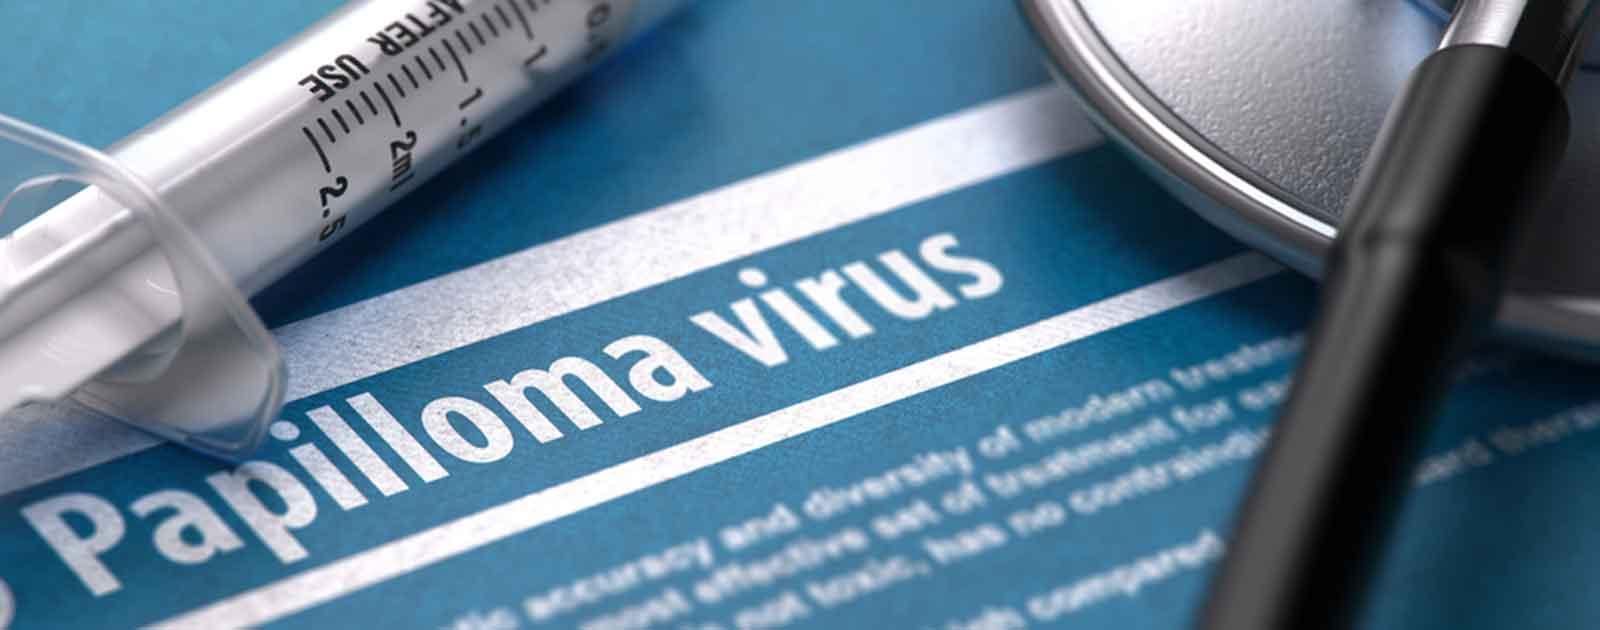 cos e un papilloma virus